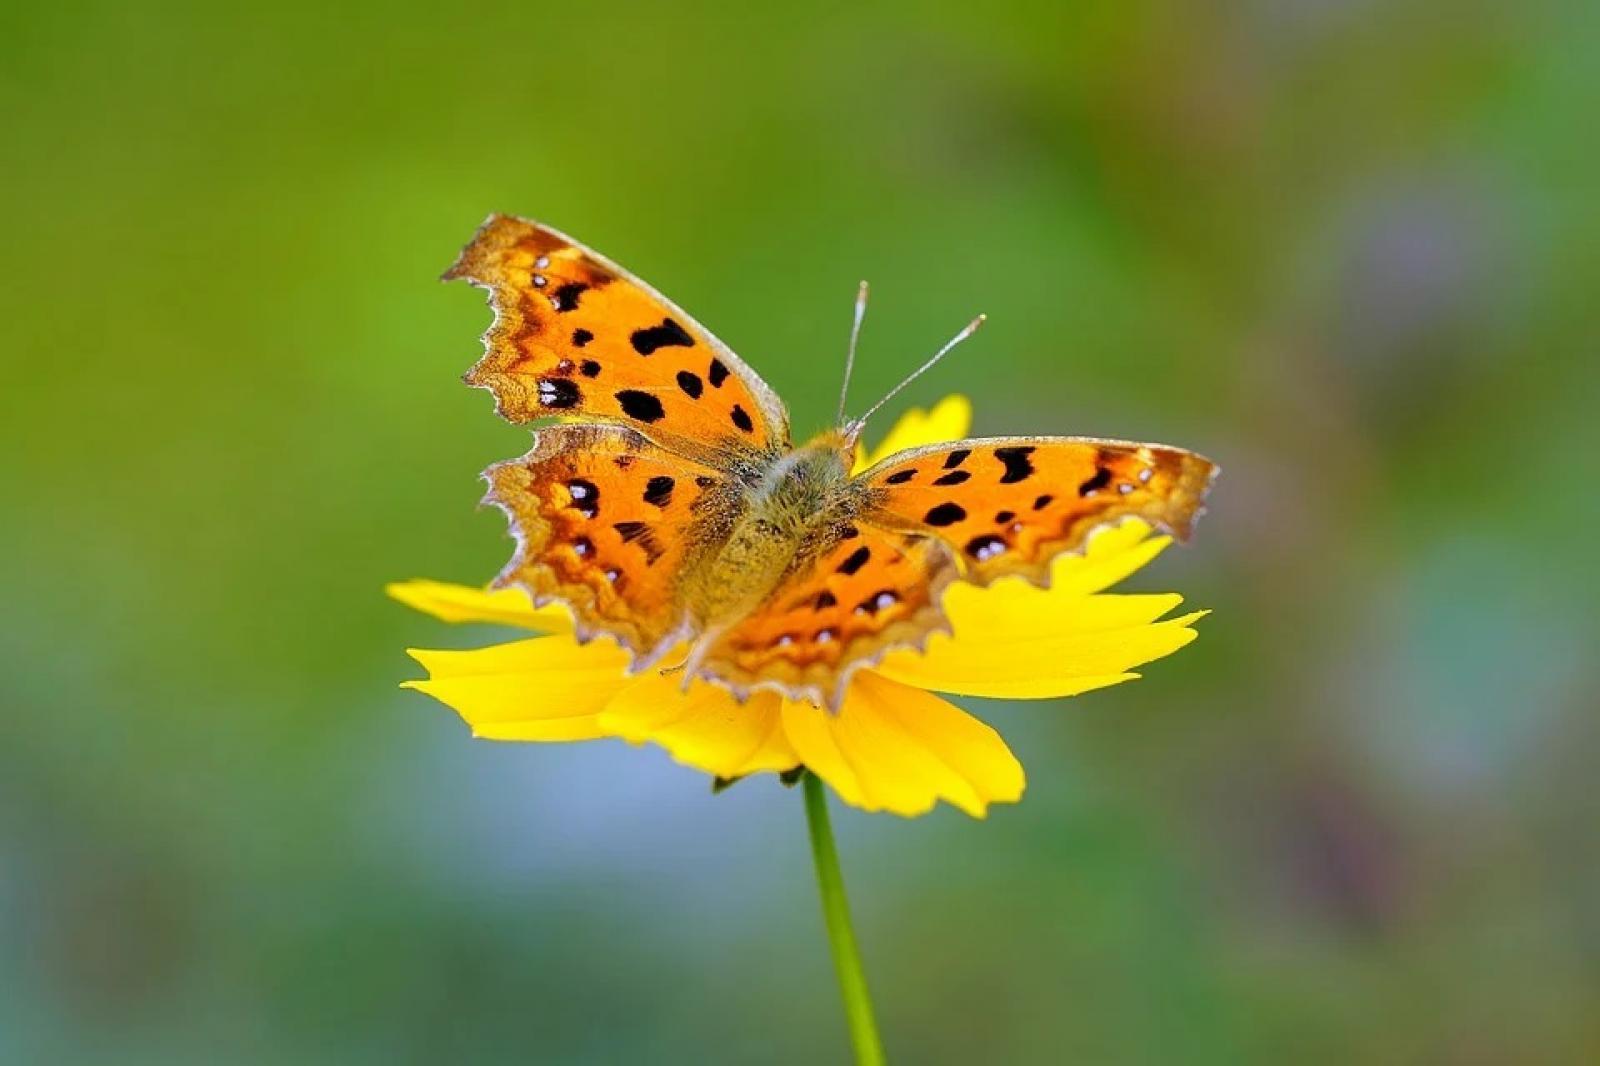 Nauka zdalna (22.06. - 26.06.2020r) - Motylki